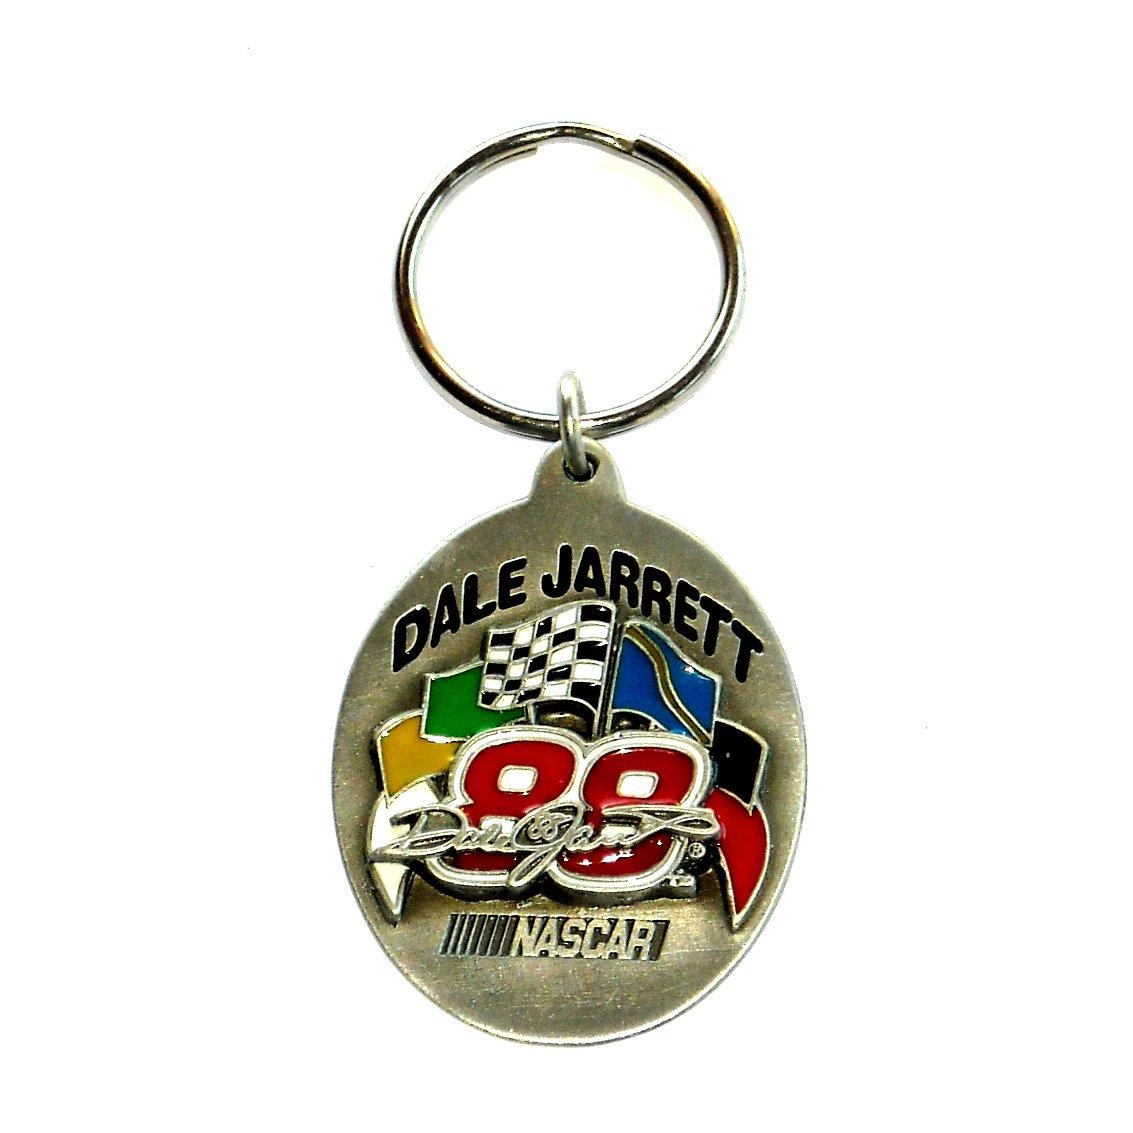 Nascar 88 Dale Jarrett Solid Pewter Fob Key Ring Keychain